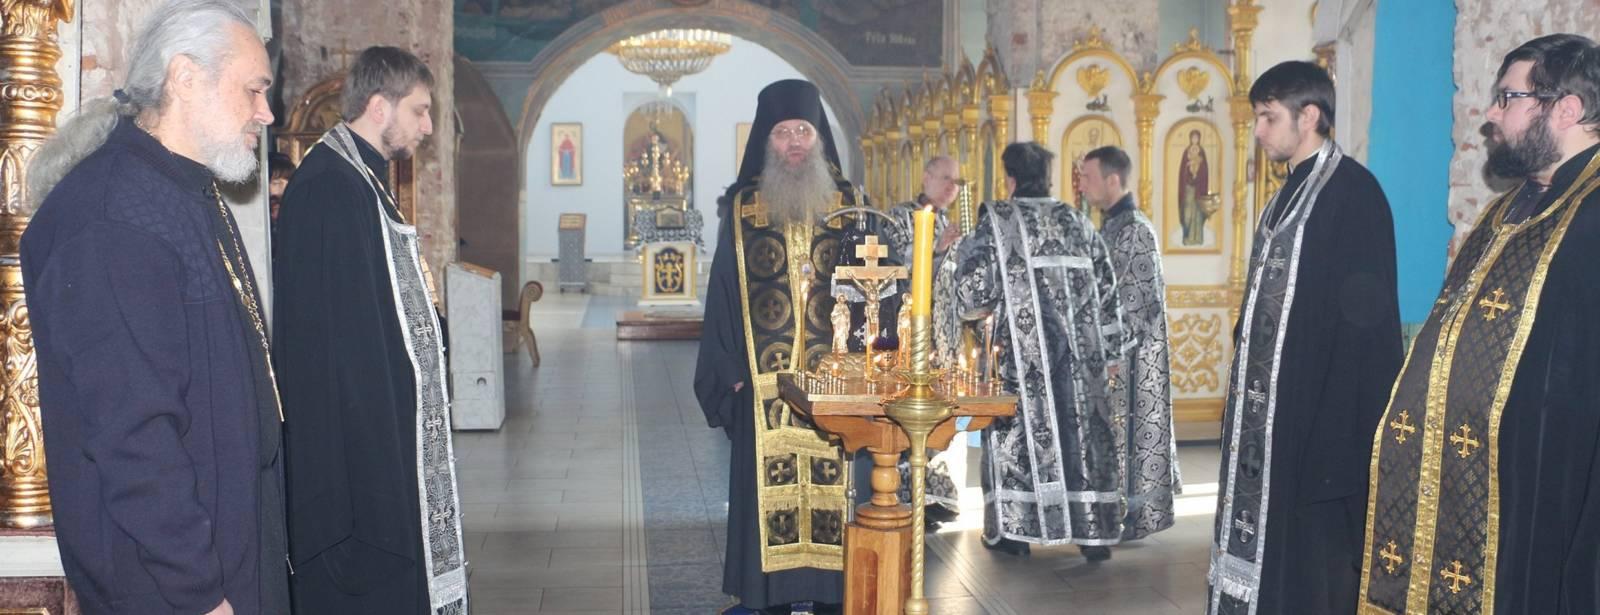 Епископ Елисей совершил заупокойную литию по погибшим прихожанам в Георгиевском соборе Кизляра.